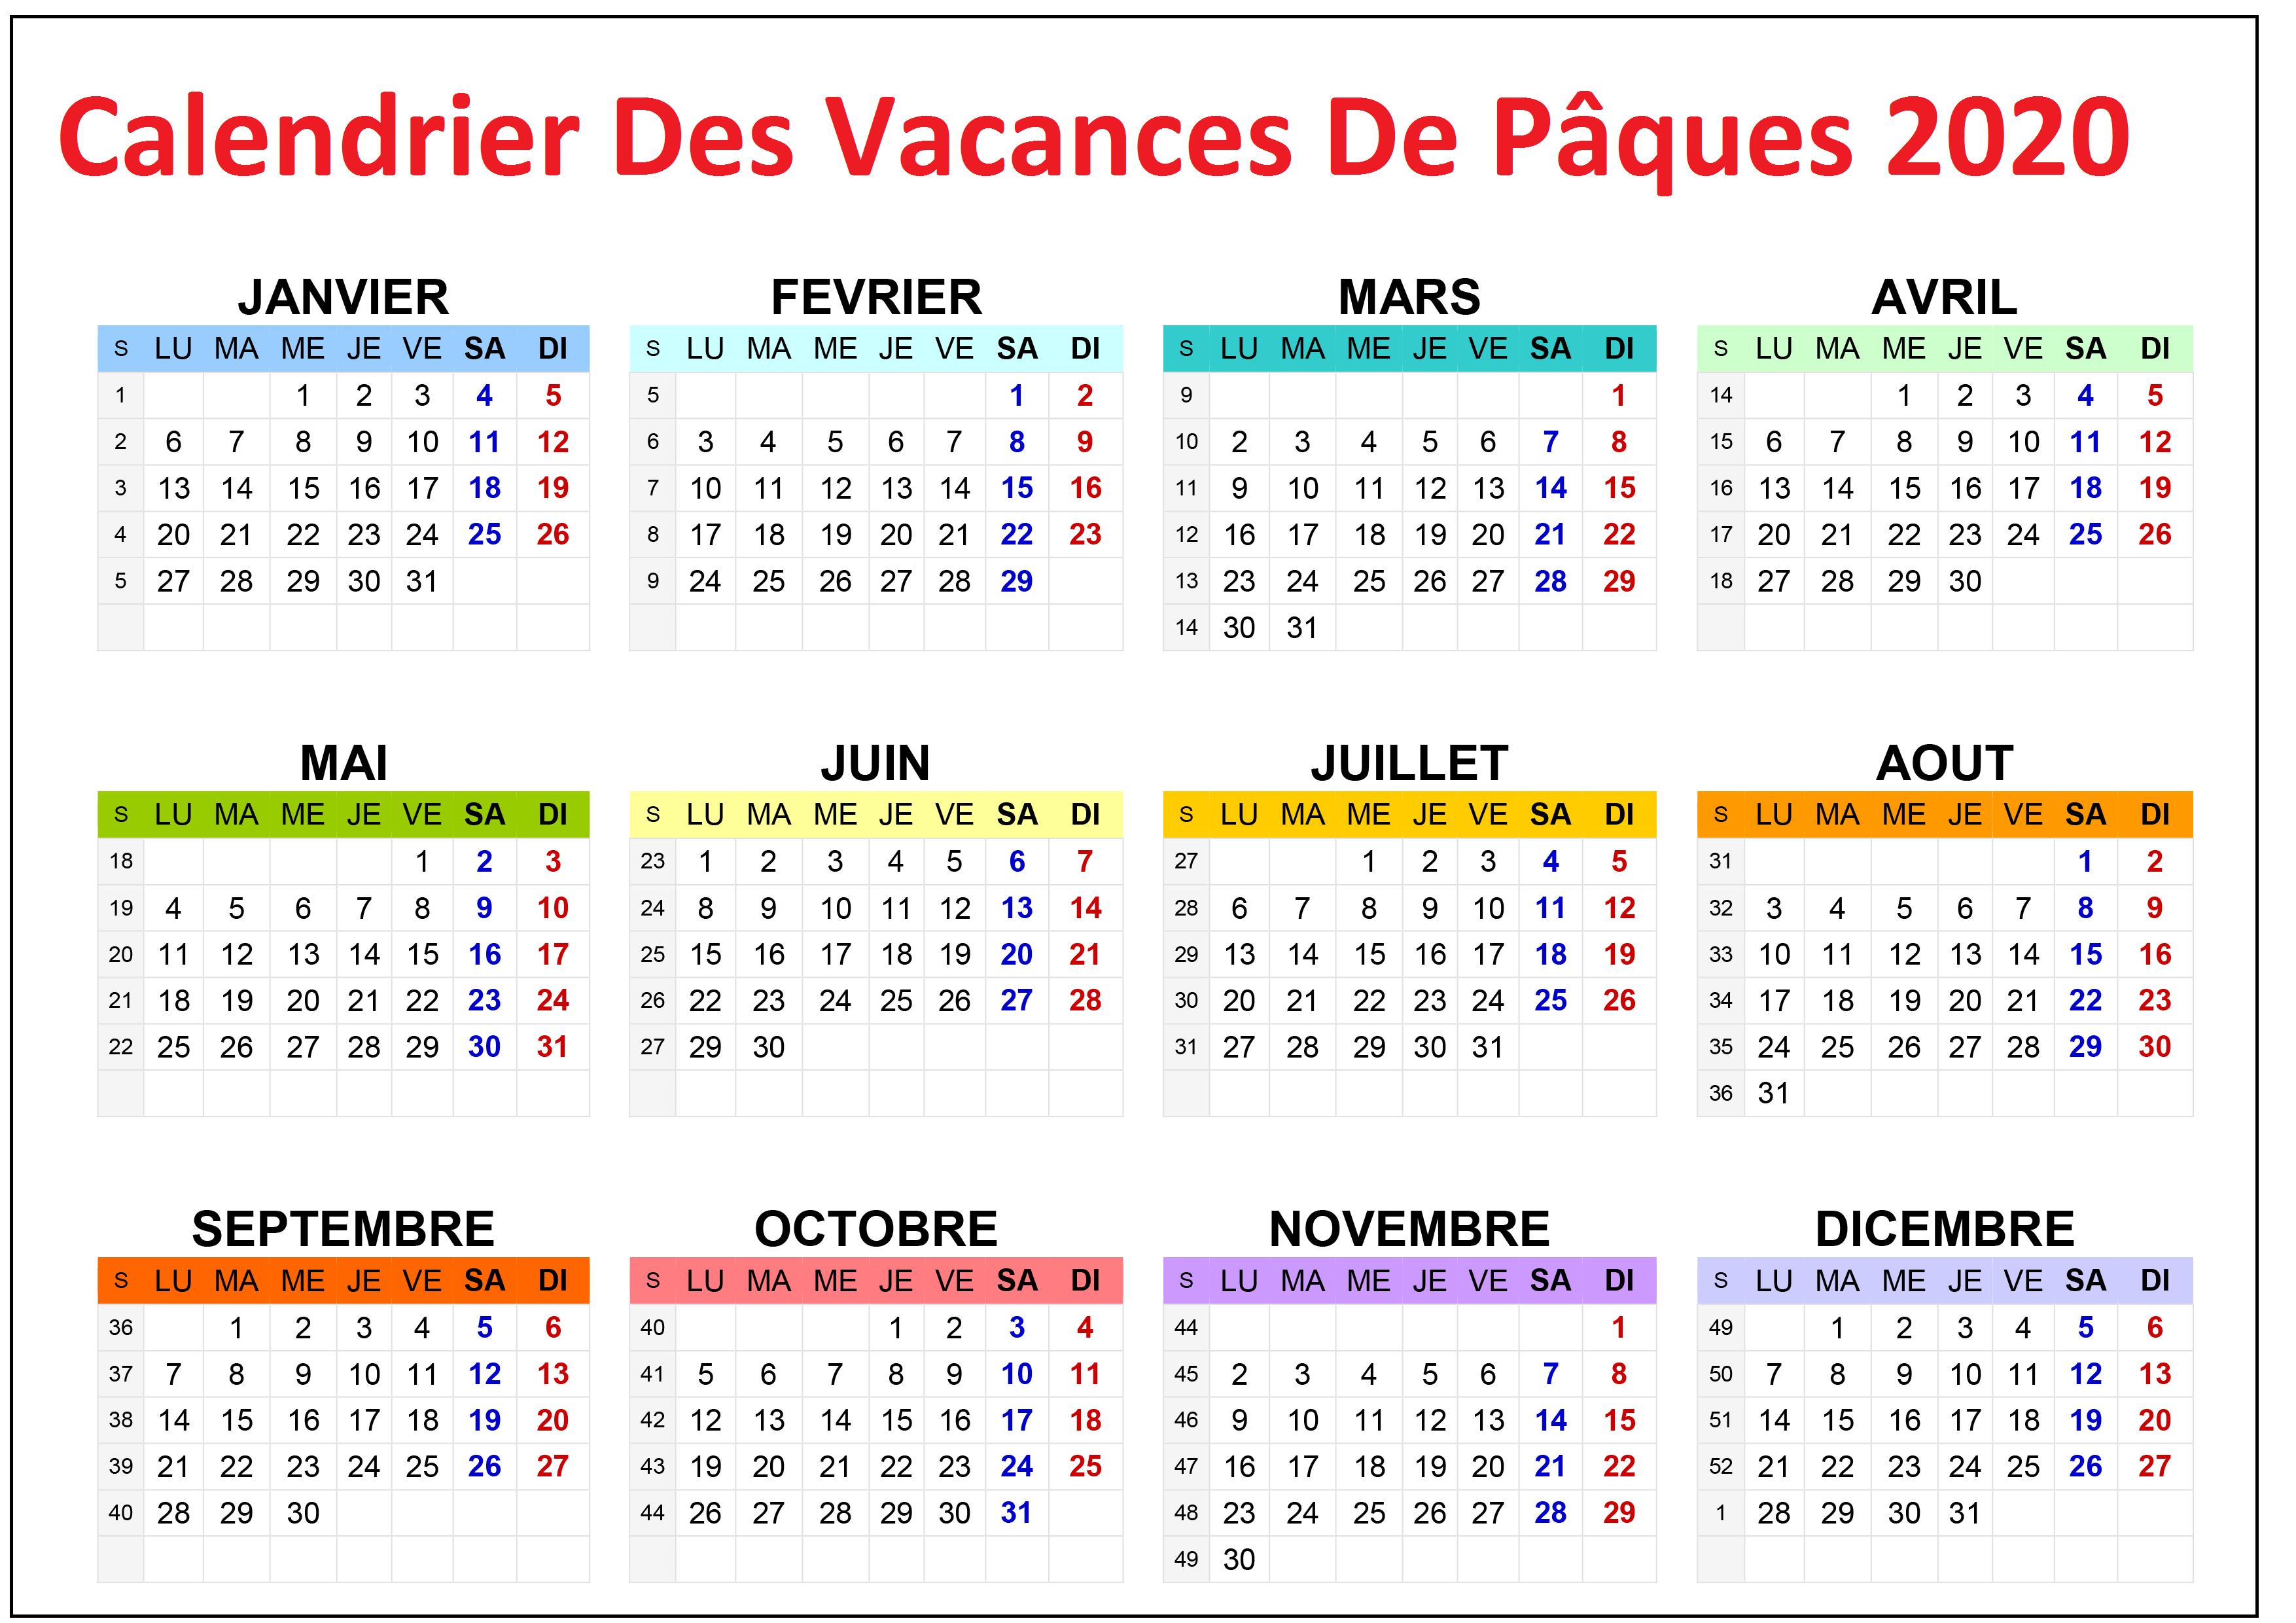 Calendrier Vacances Scolaire Pâques 2020